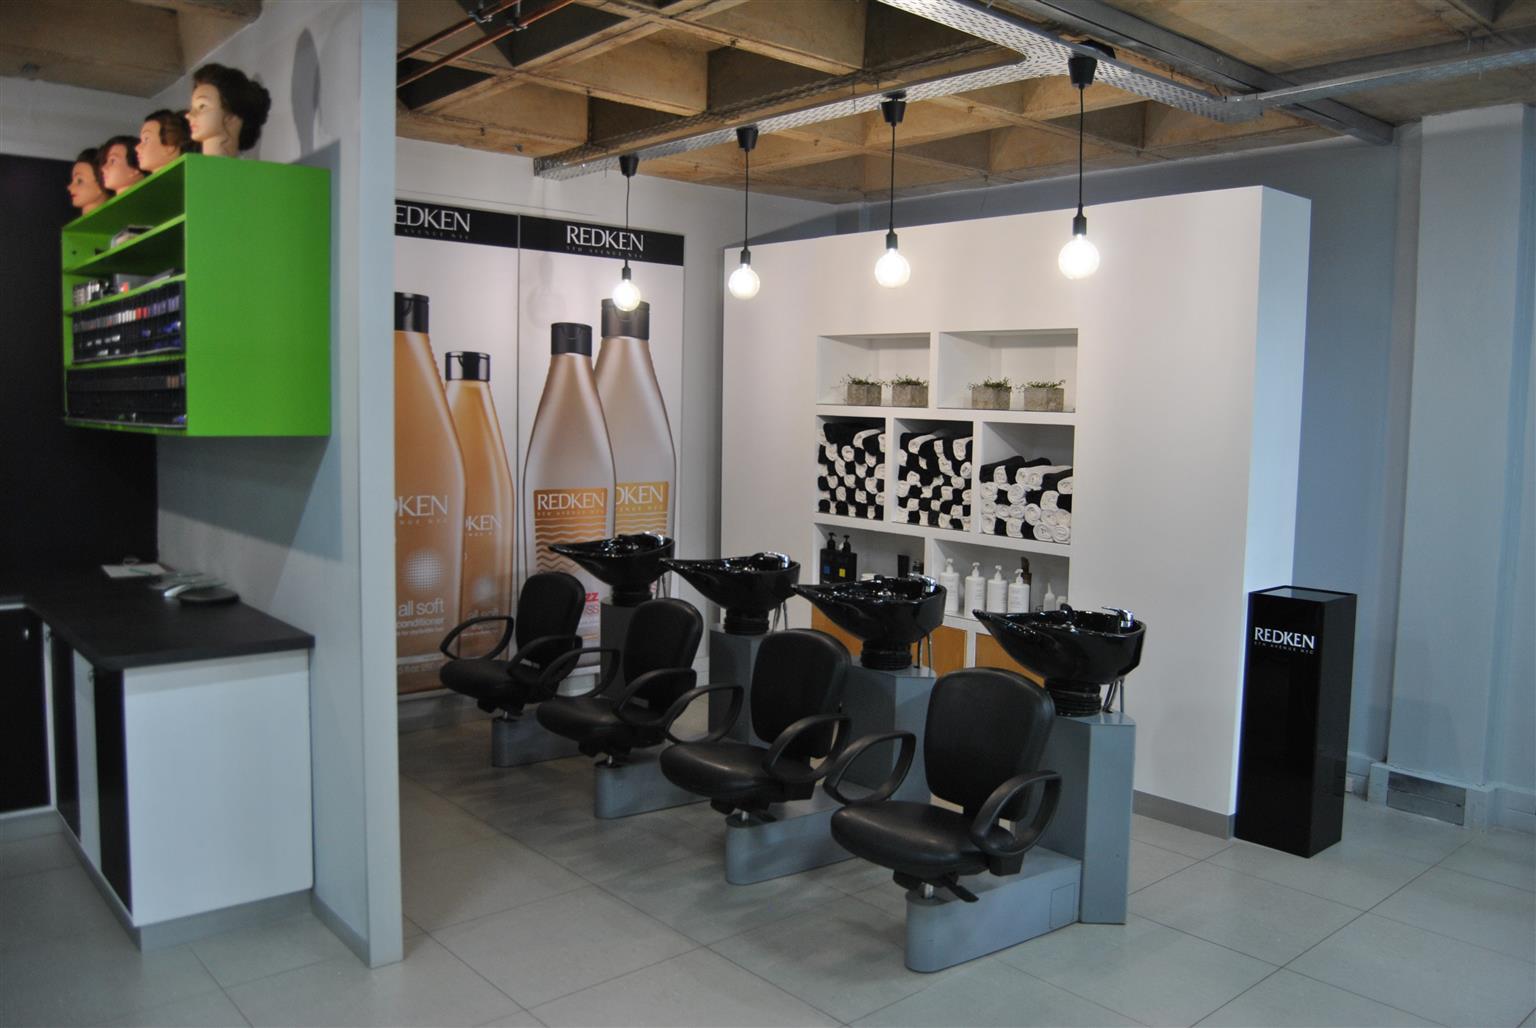 Hair salon chair rentals